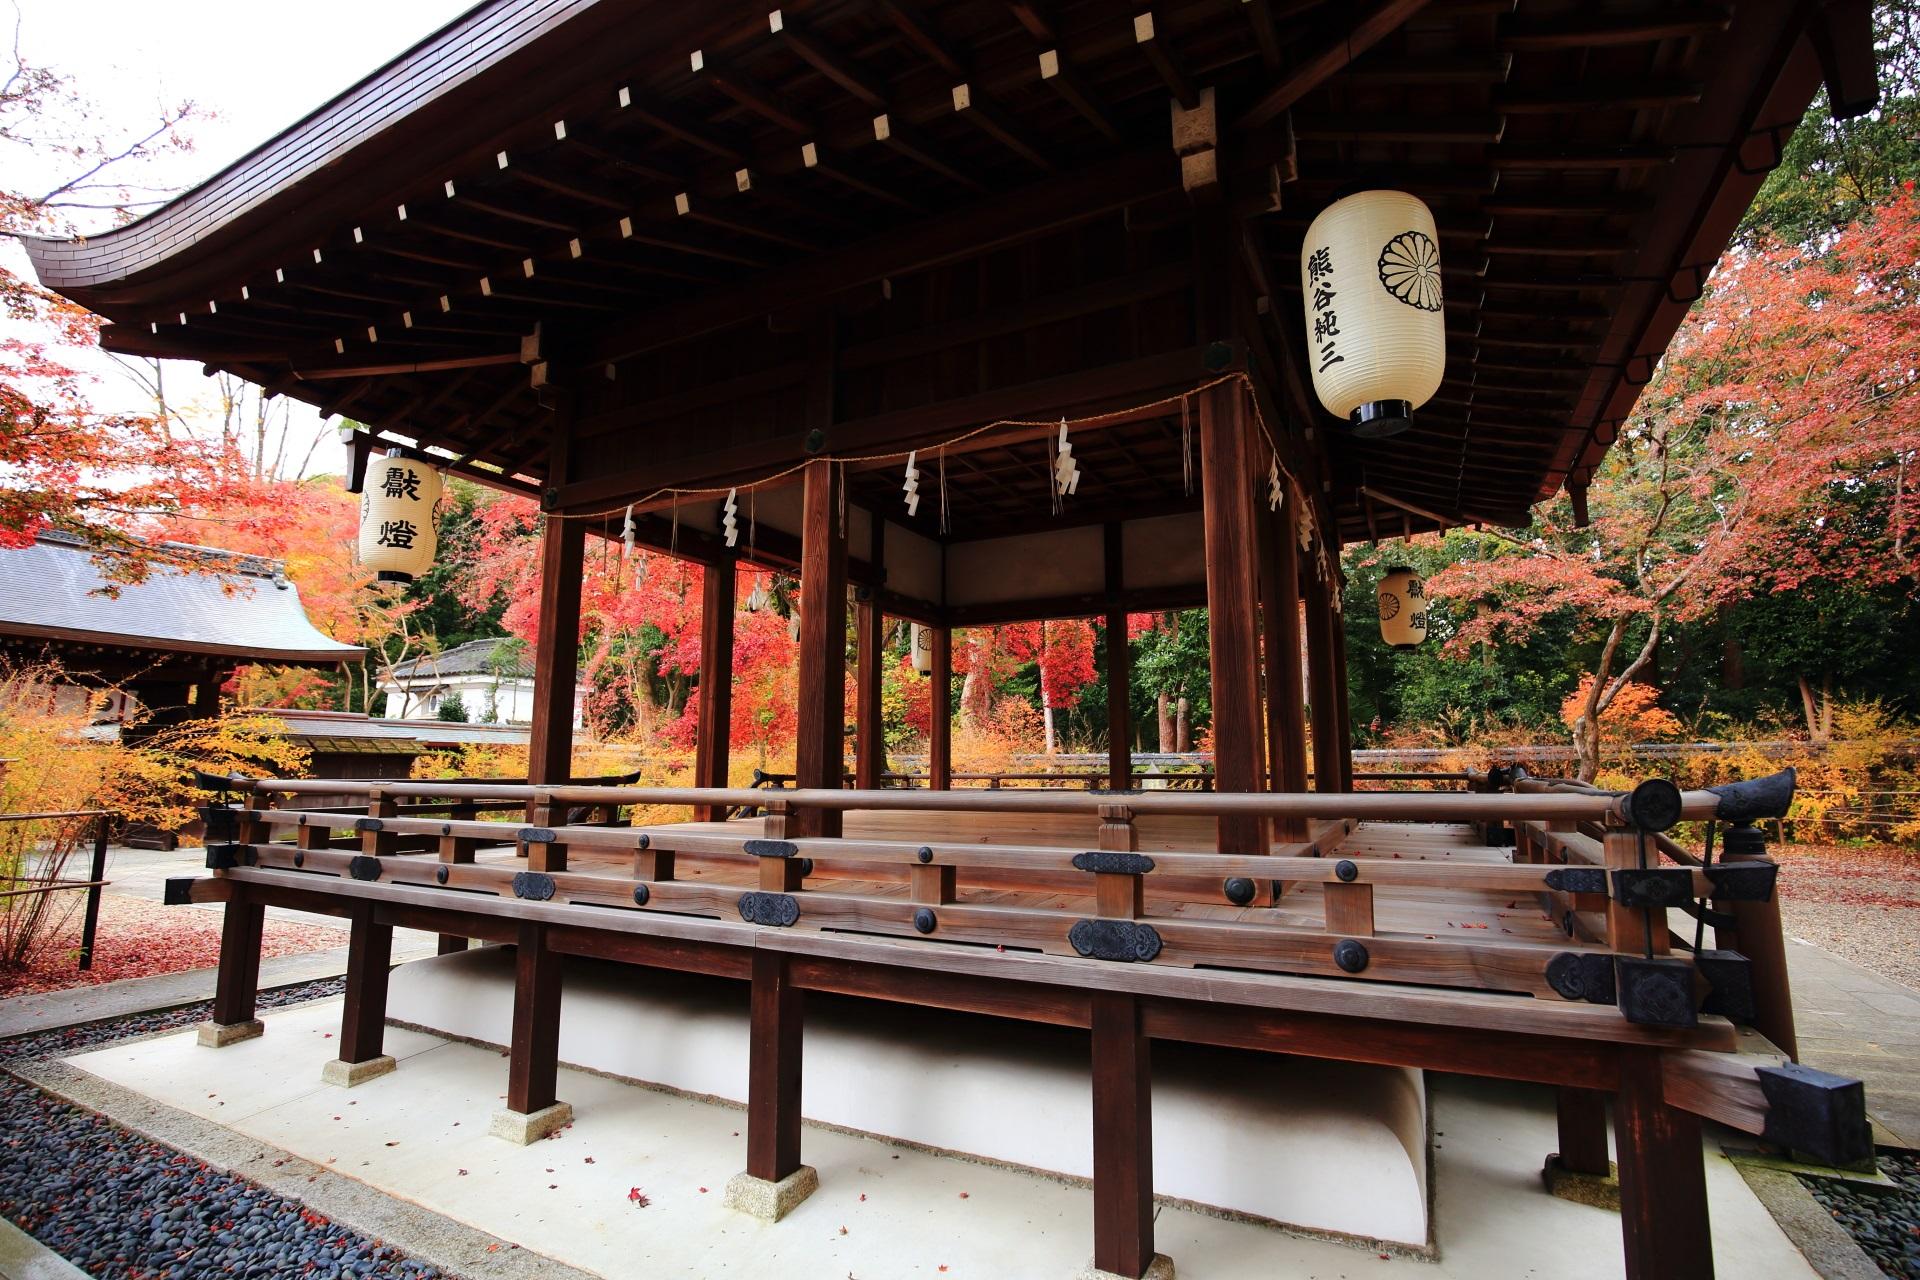 いろんな場所や角度から楽しめる梨木神社の紅葉